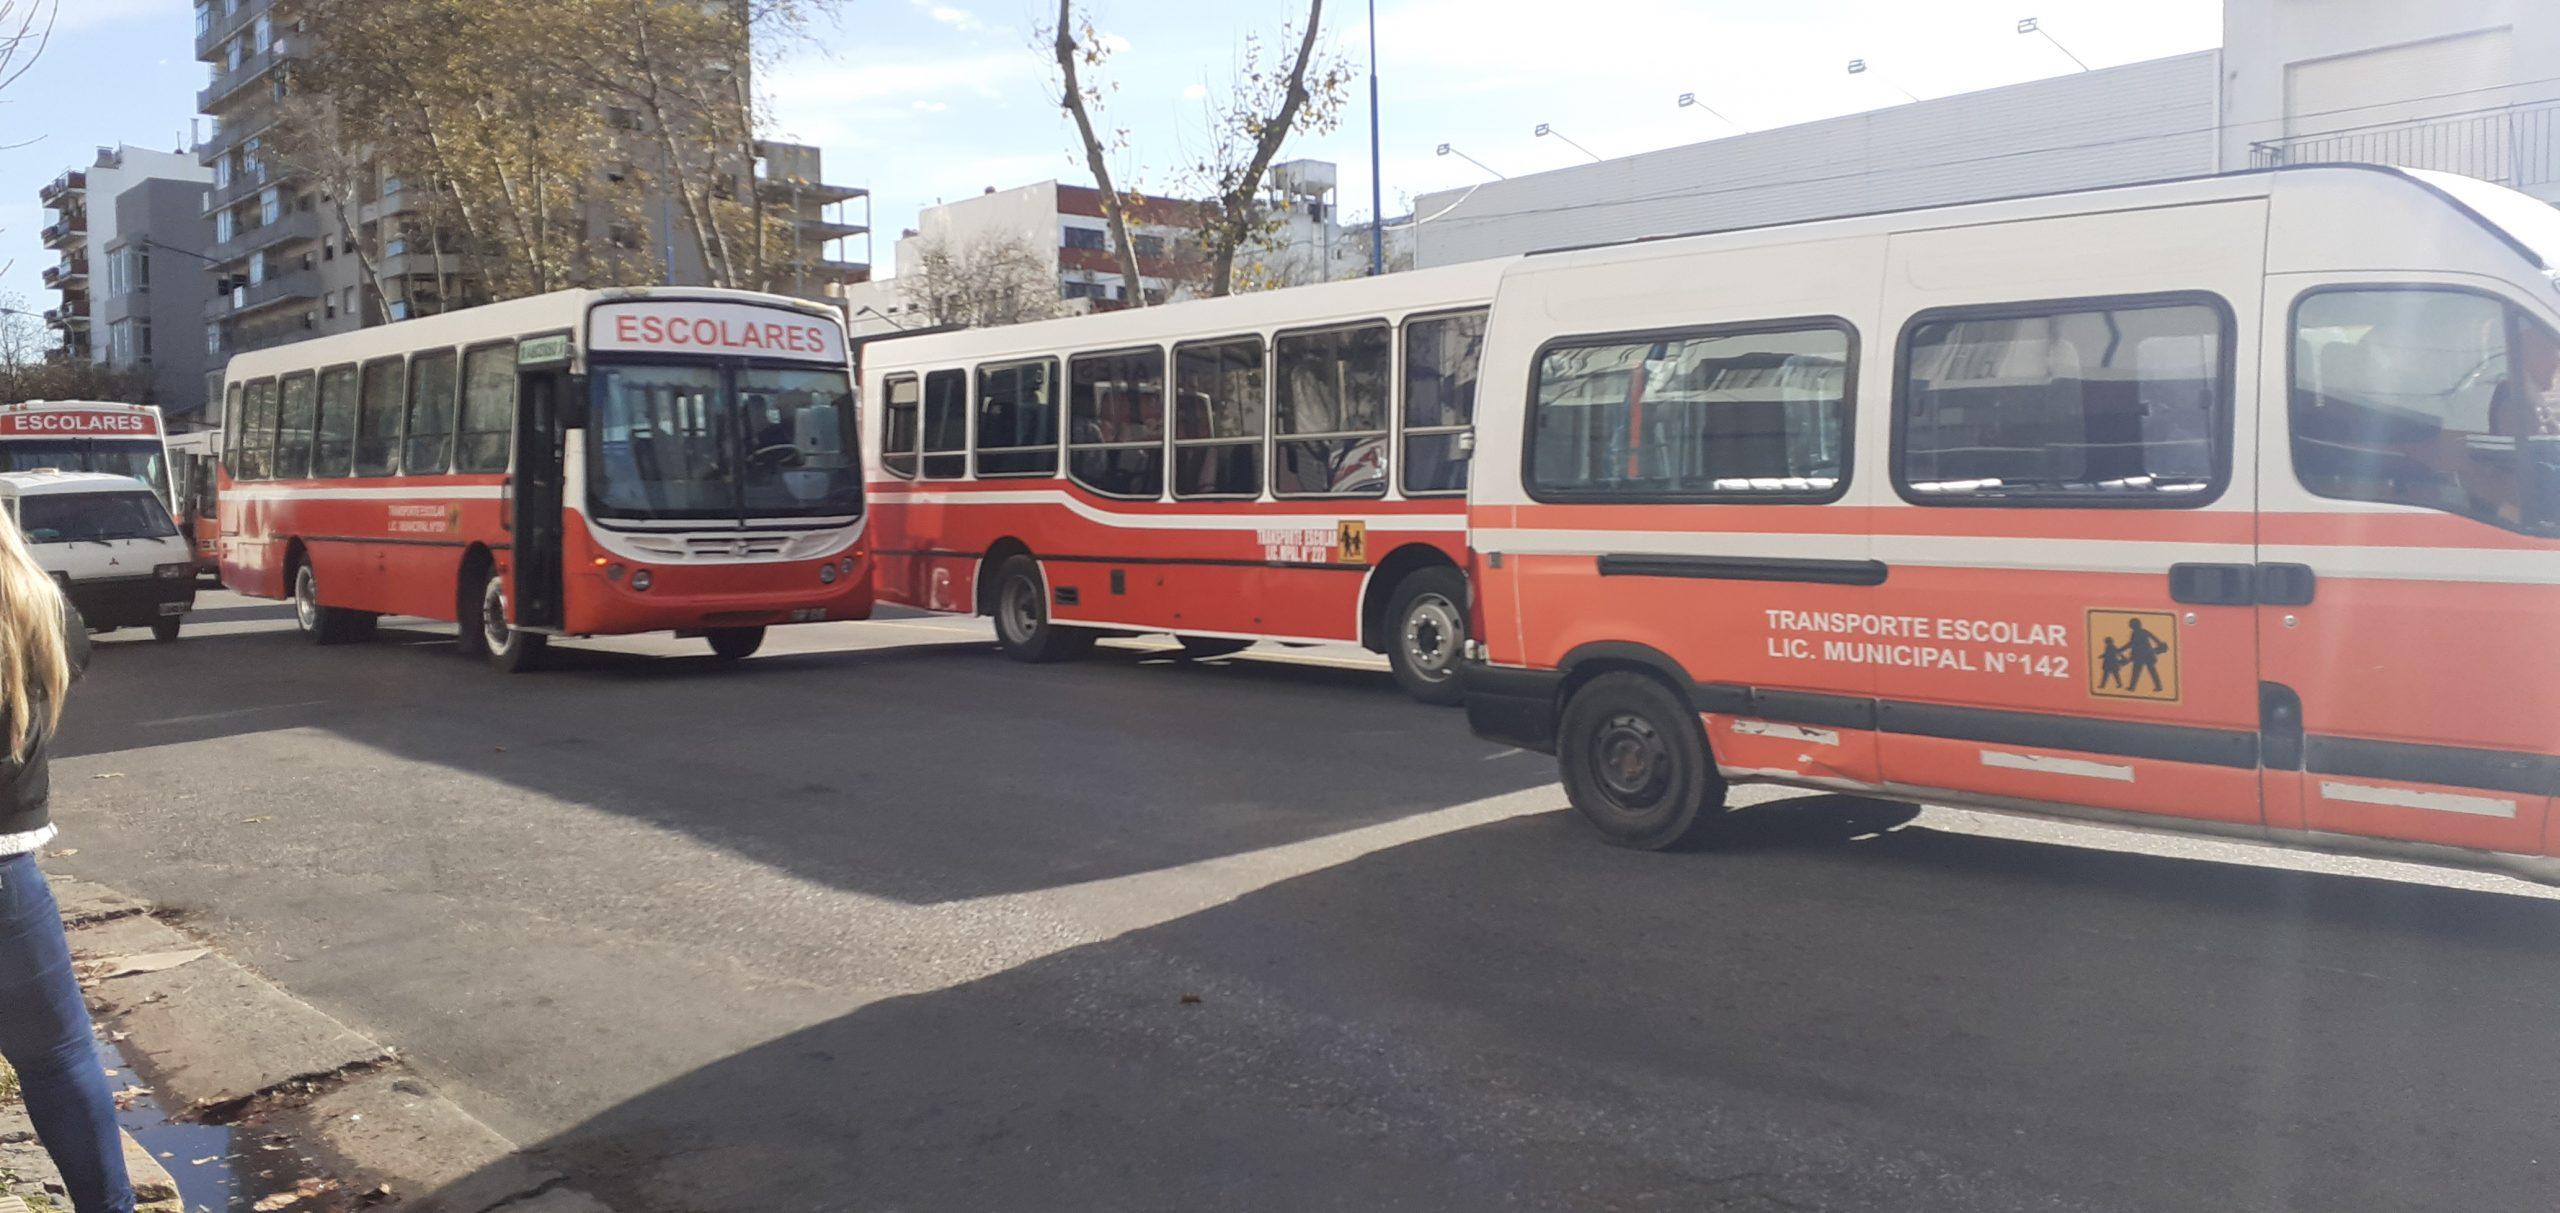 Transportistas escolares protestaron en Mar del Plata en reclamo de subsidios y exenciones